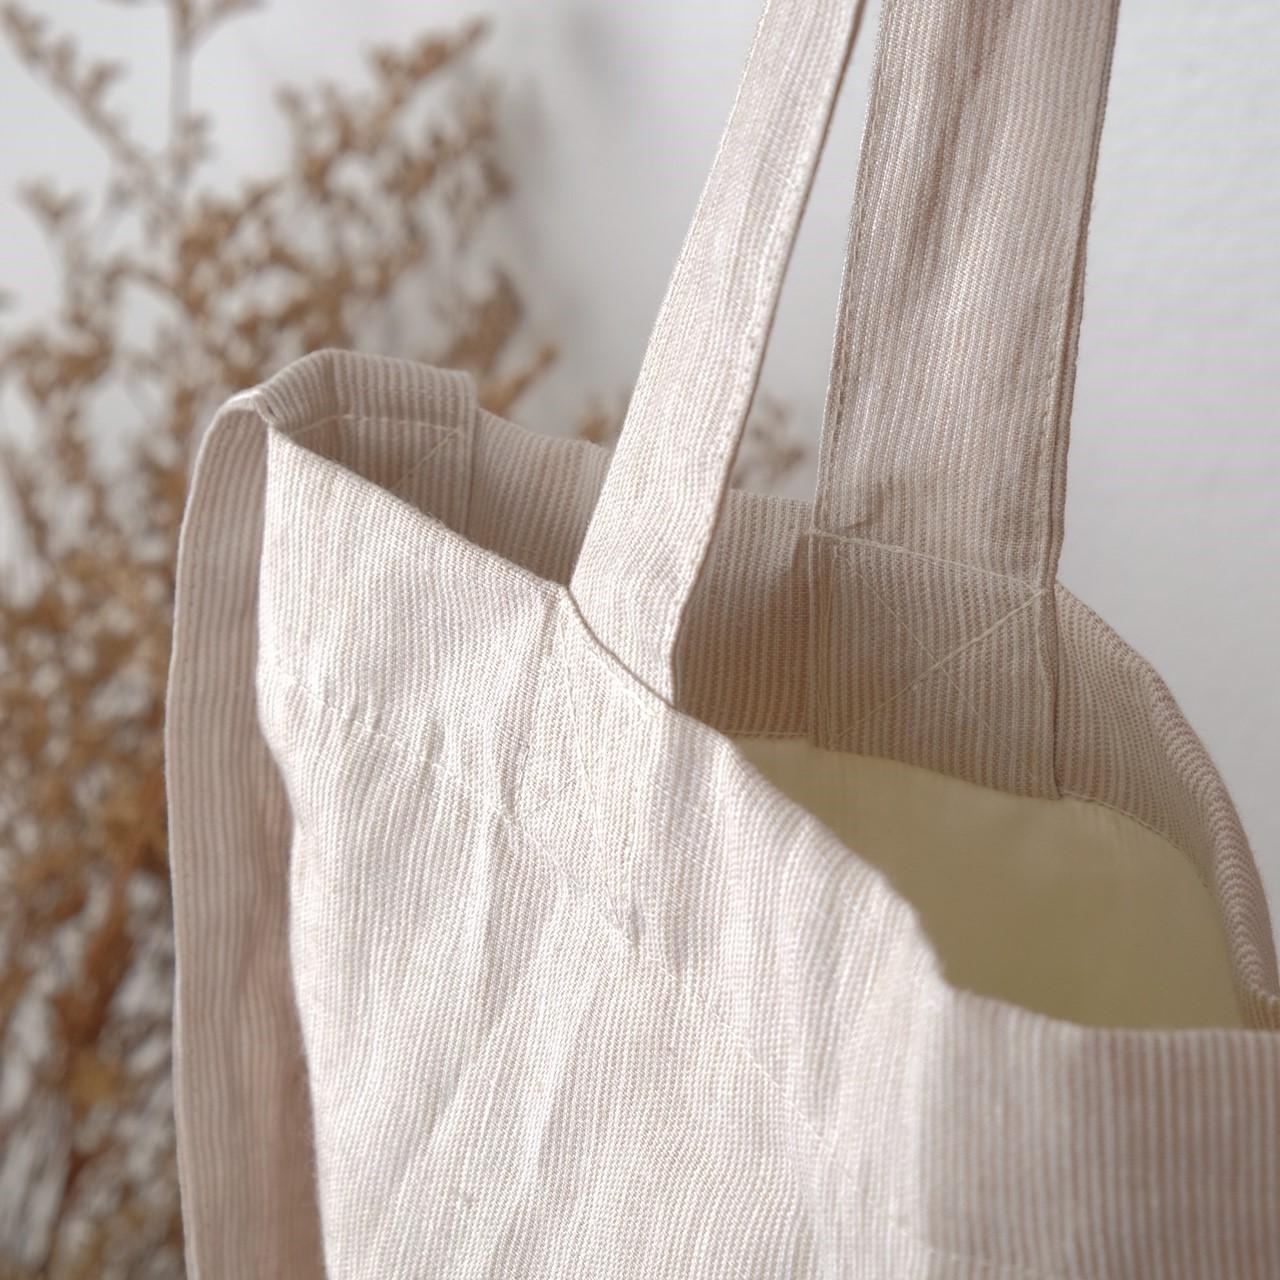 กระเป๋าผ้า,กระเป๋าผ้าลินิน,handmadebag,totebag,canvastotebag,canvasbag,minimalstyle,waraleesday,linenbag,linenfabric,totebagthailand,linentotebag,women,bag,ผู้หญิง,กระเป๋า,กระเป๋าสะพาย